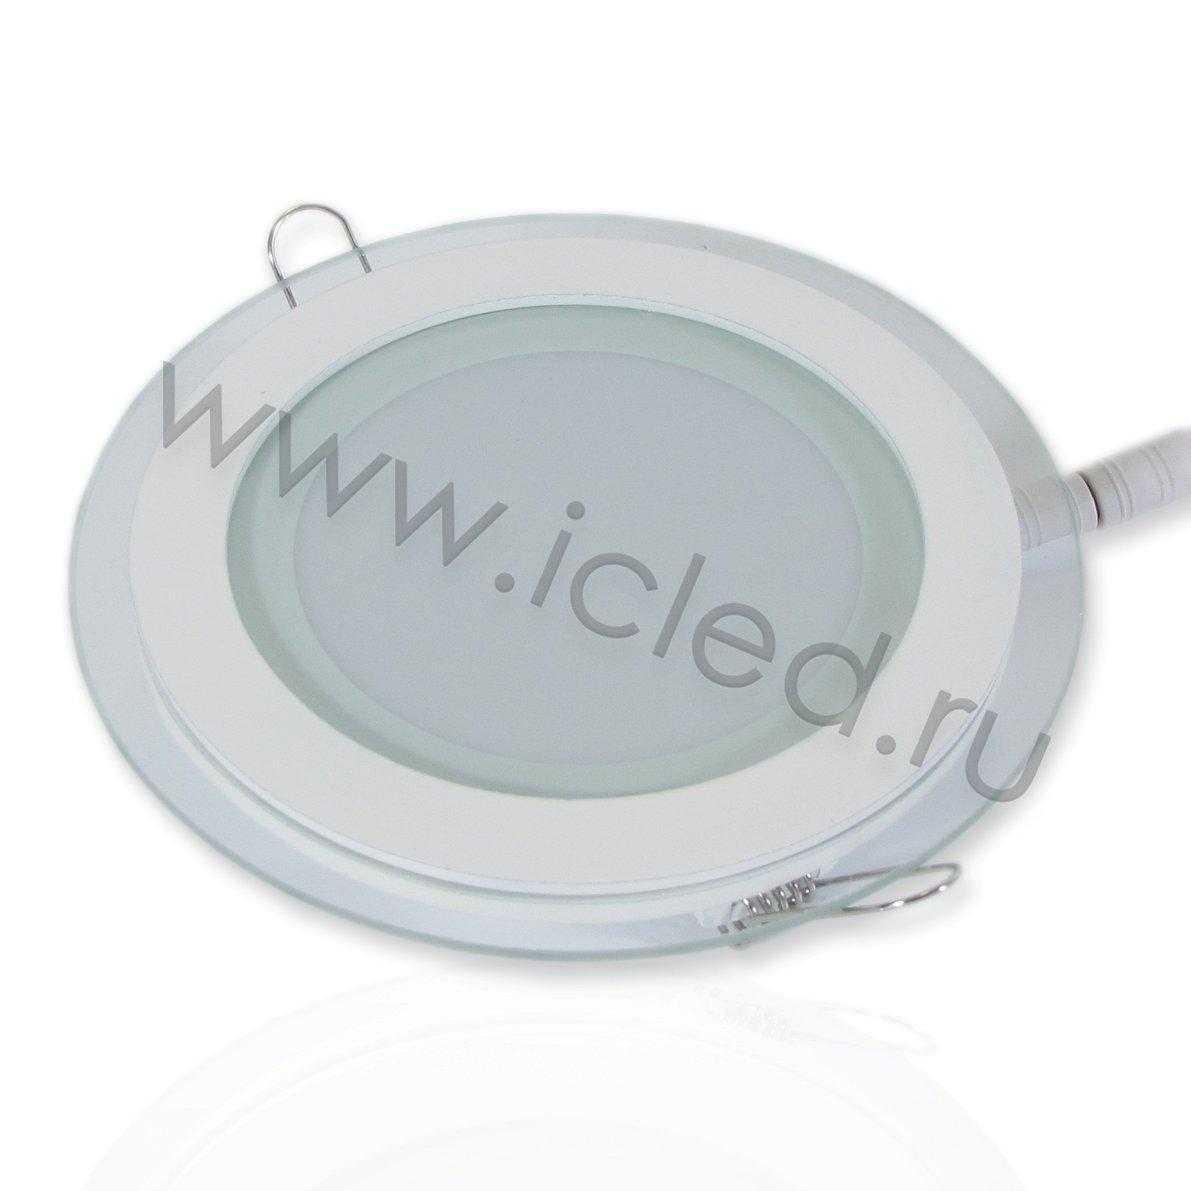 Светодиодный светильник потолочный IC-RW D160 (12W, Warm White)